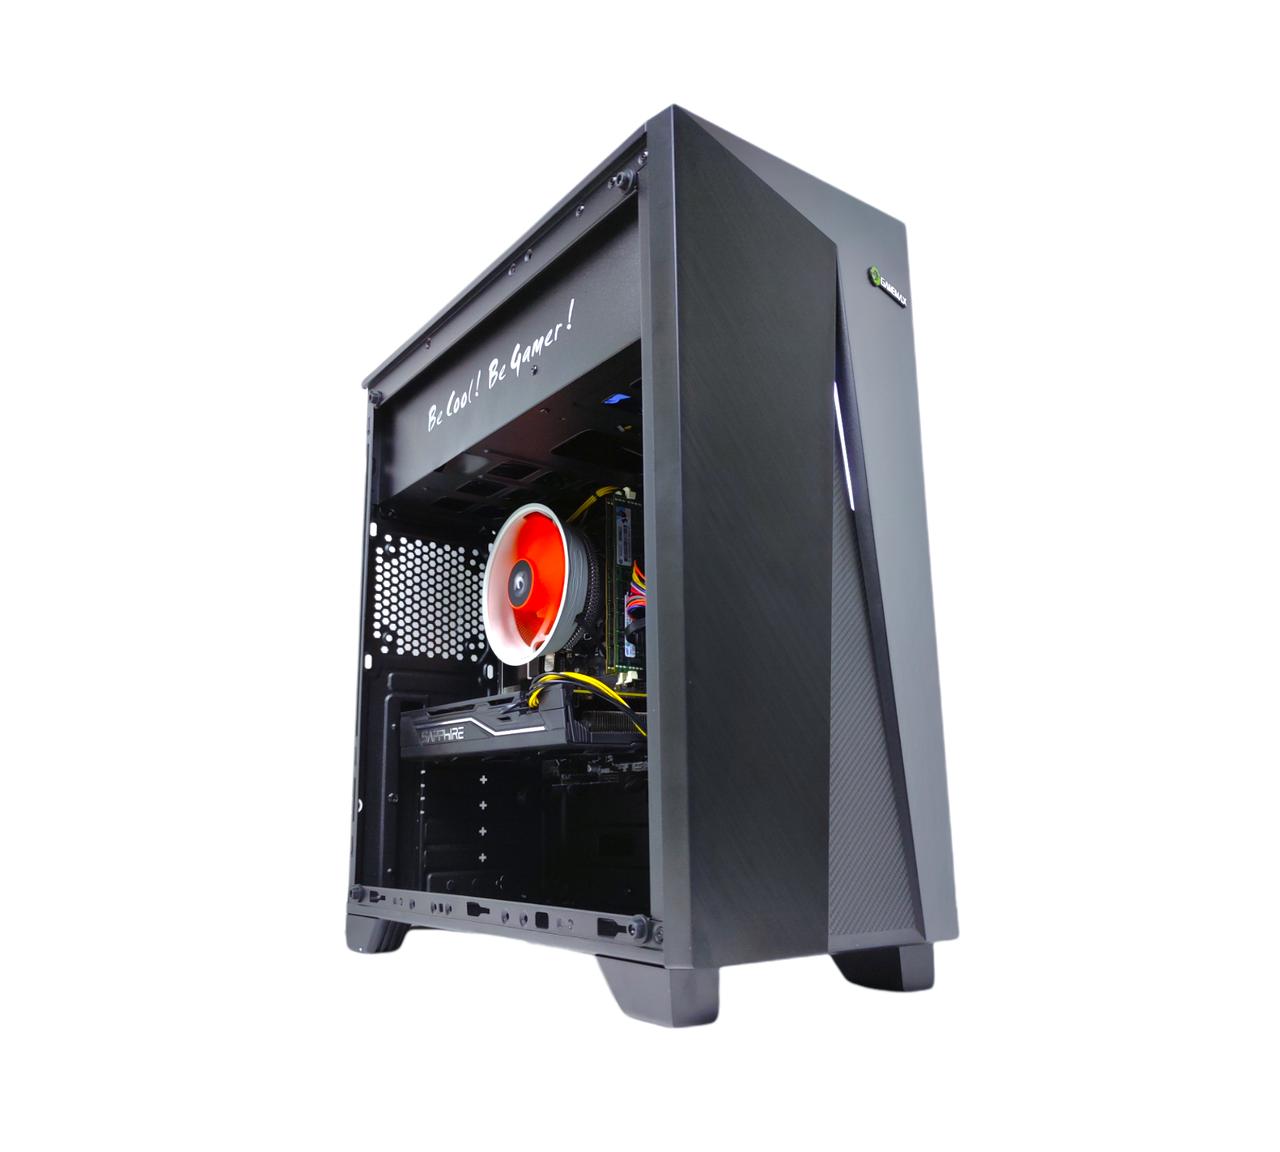 Ігровий Комп'ютер Intel Xeon E5-2440 16GB DDR3 SSD240GB  Sapphire Radeon RX 470 4GB GDDR5